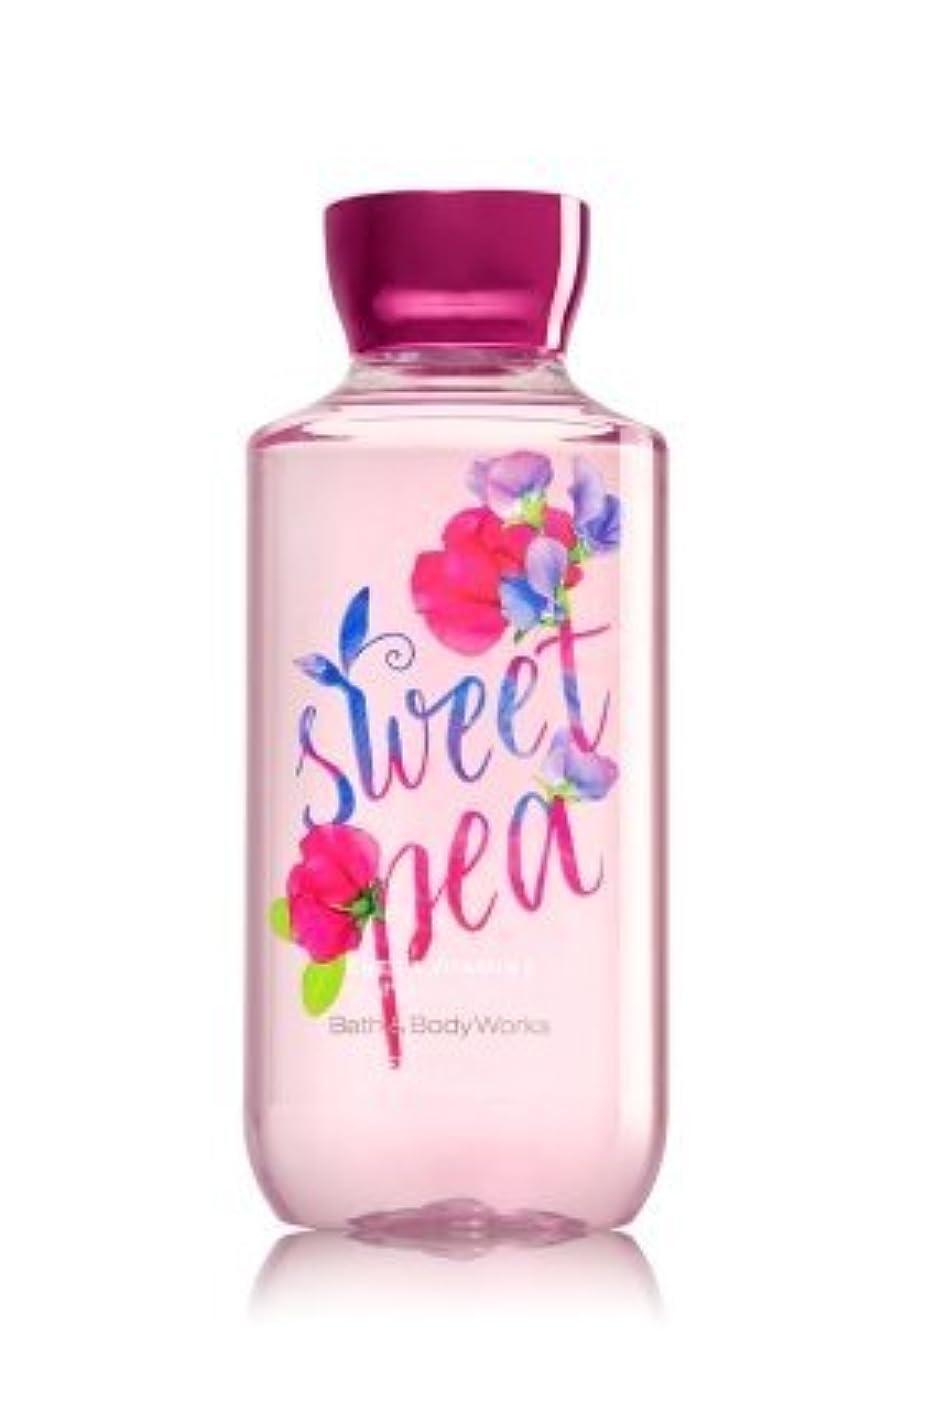 麻痺ランク前兆【Bath&Body Works/バス&ボディワークス】 シャワージェル スイートピー Shower Gel Sweet Pea 10 fl oz / 295 mL [並行輸入品]